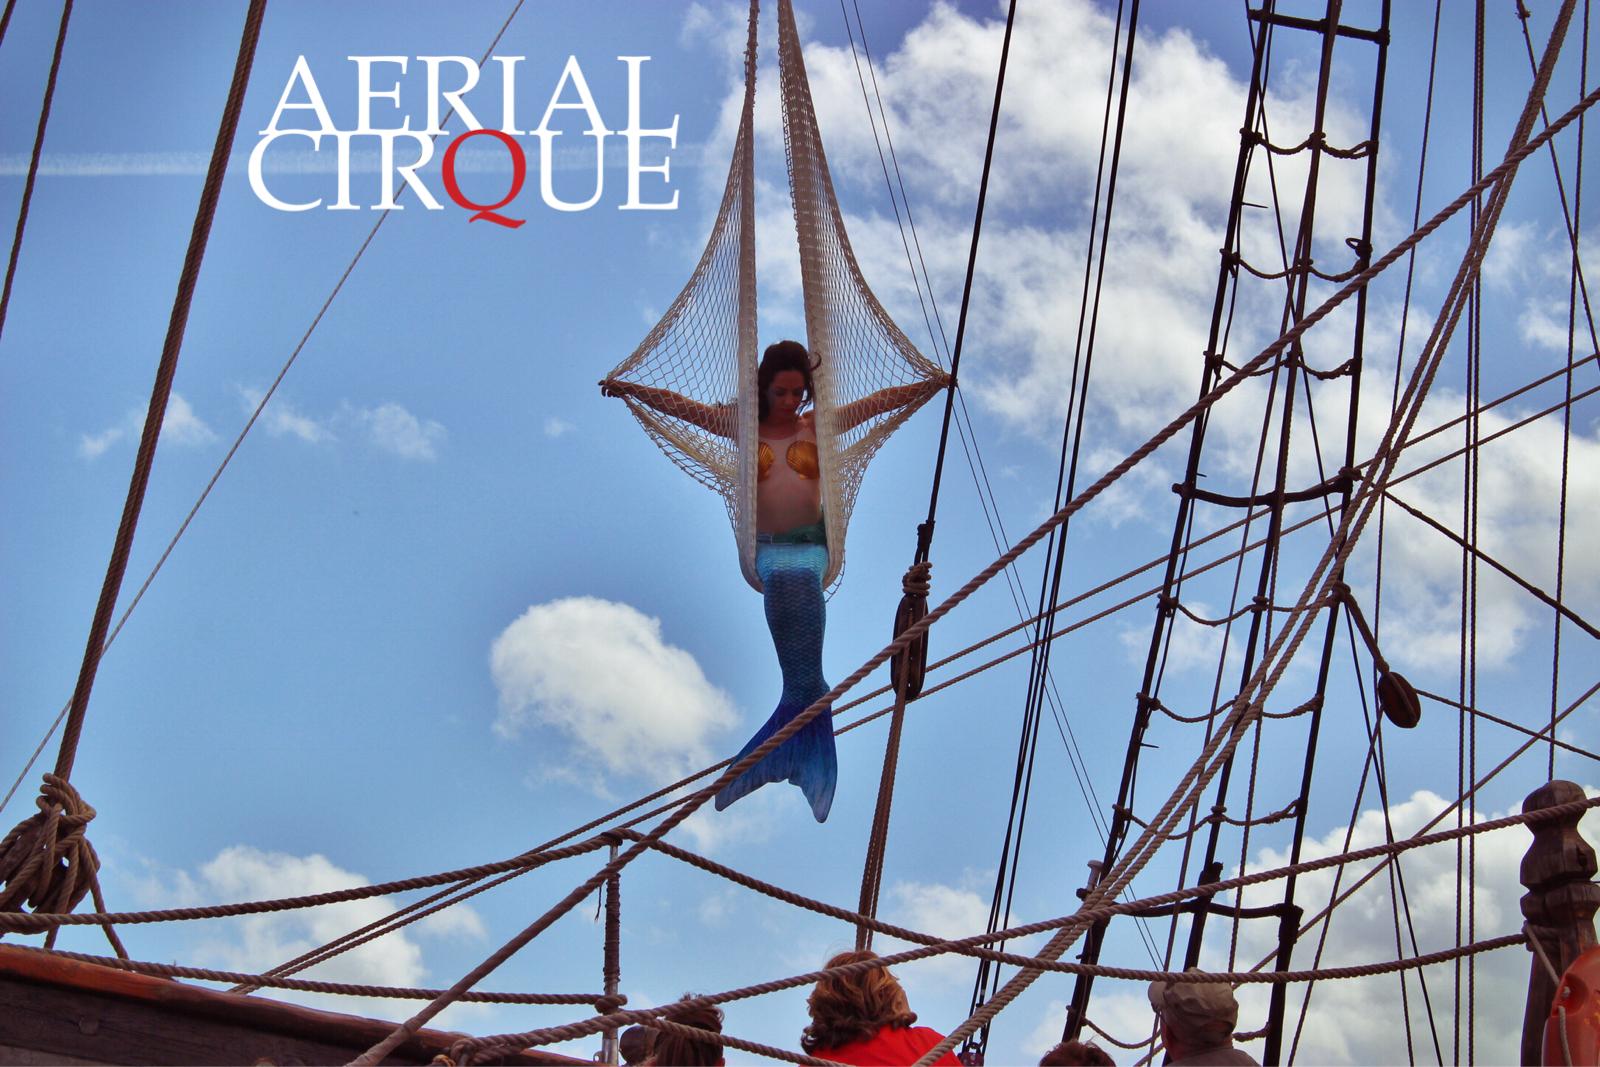 AerialCique_ship3.jpg